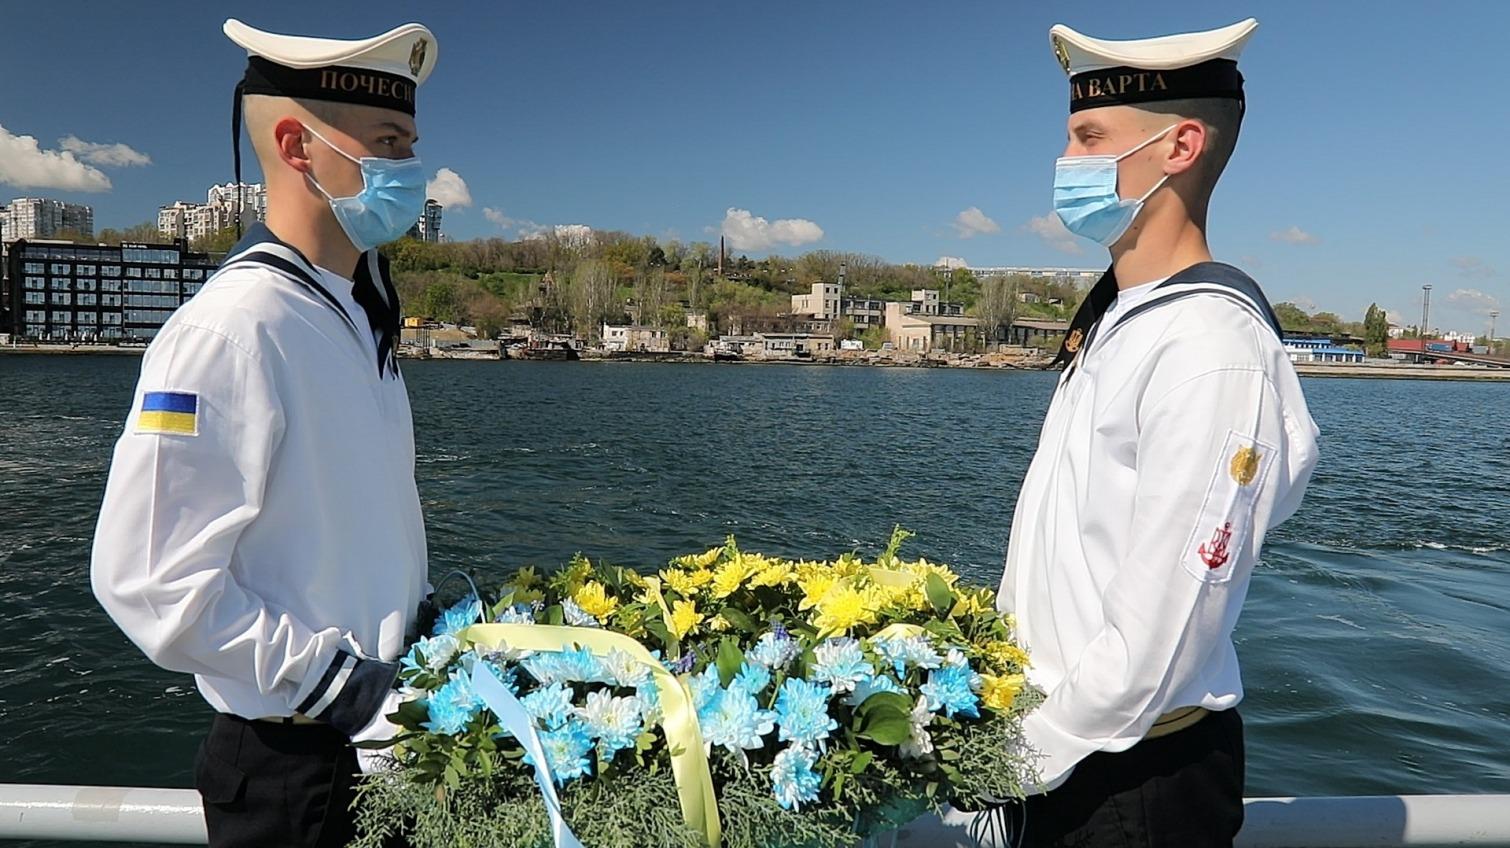 В честь погибших моряков в Одессе возложили венок на воду (фото) «фото»